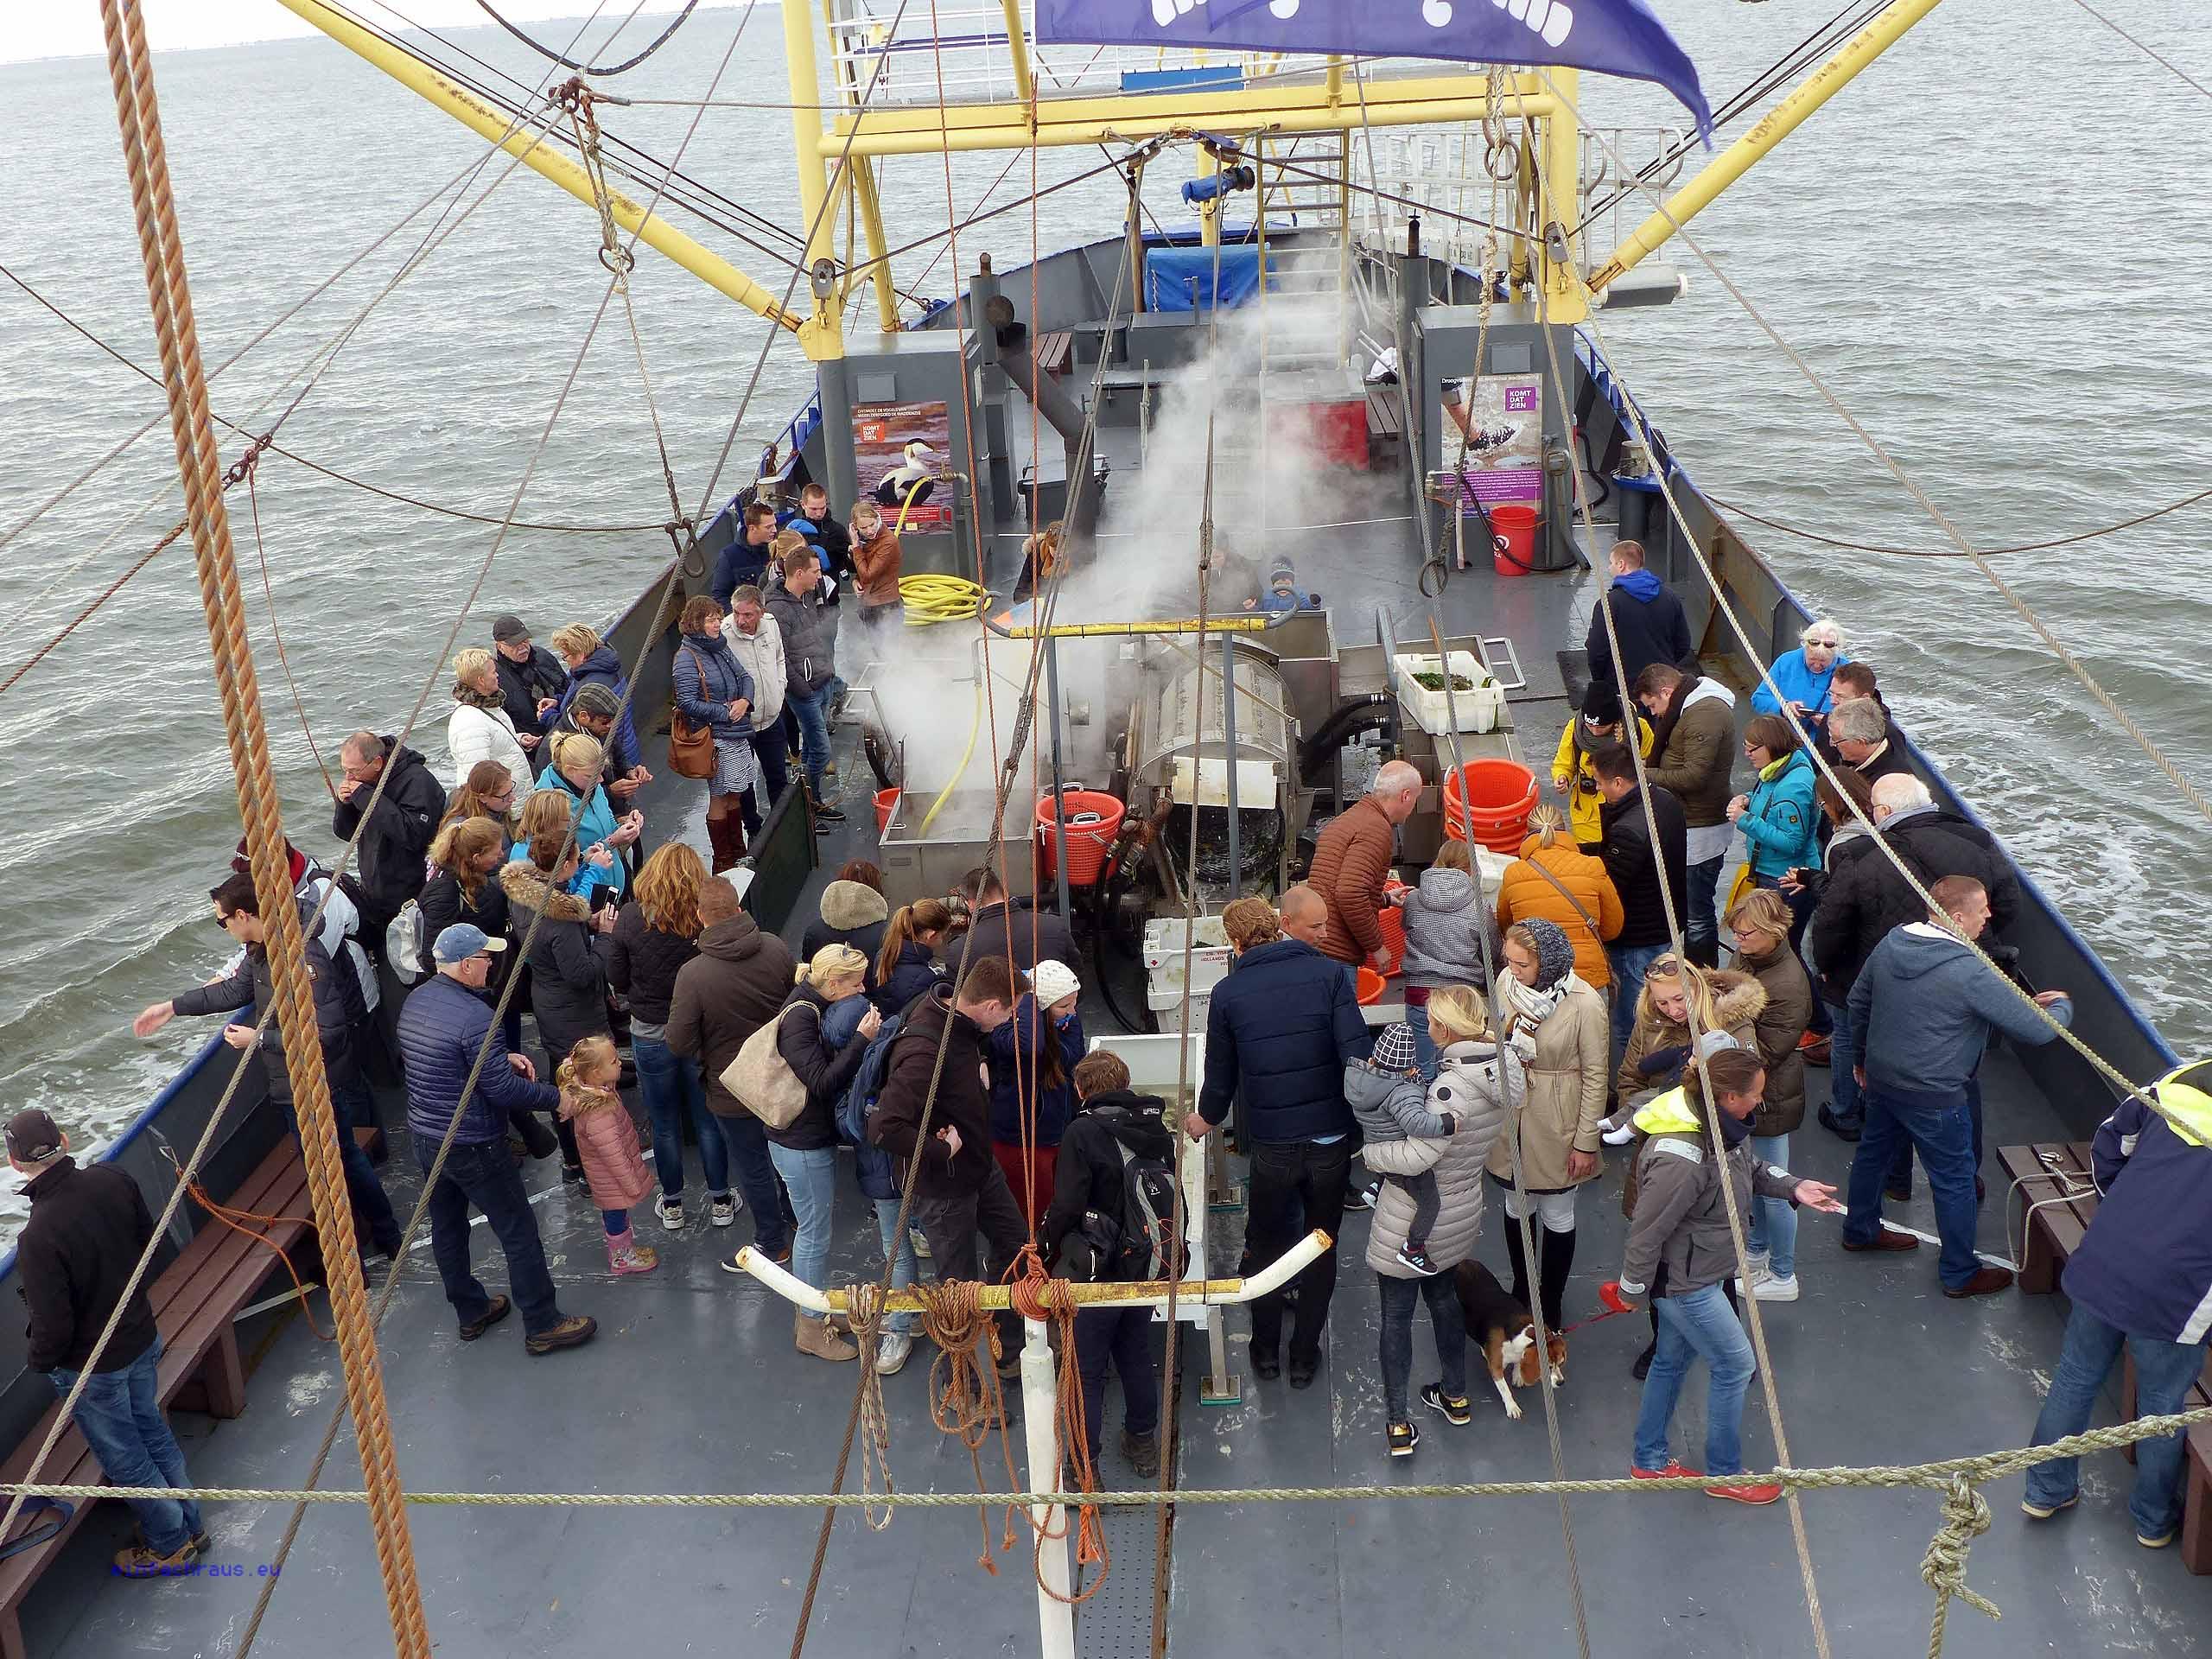 Staunende Zuschauer verfolgen die Arbeit der beiden Seeleute an Bord